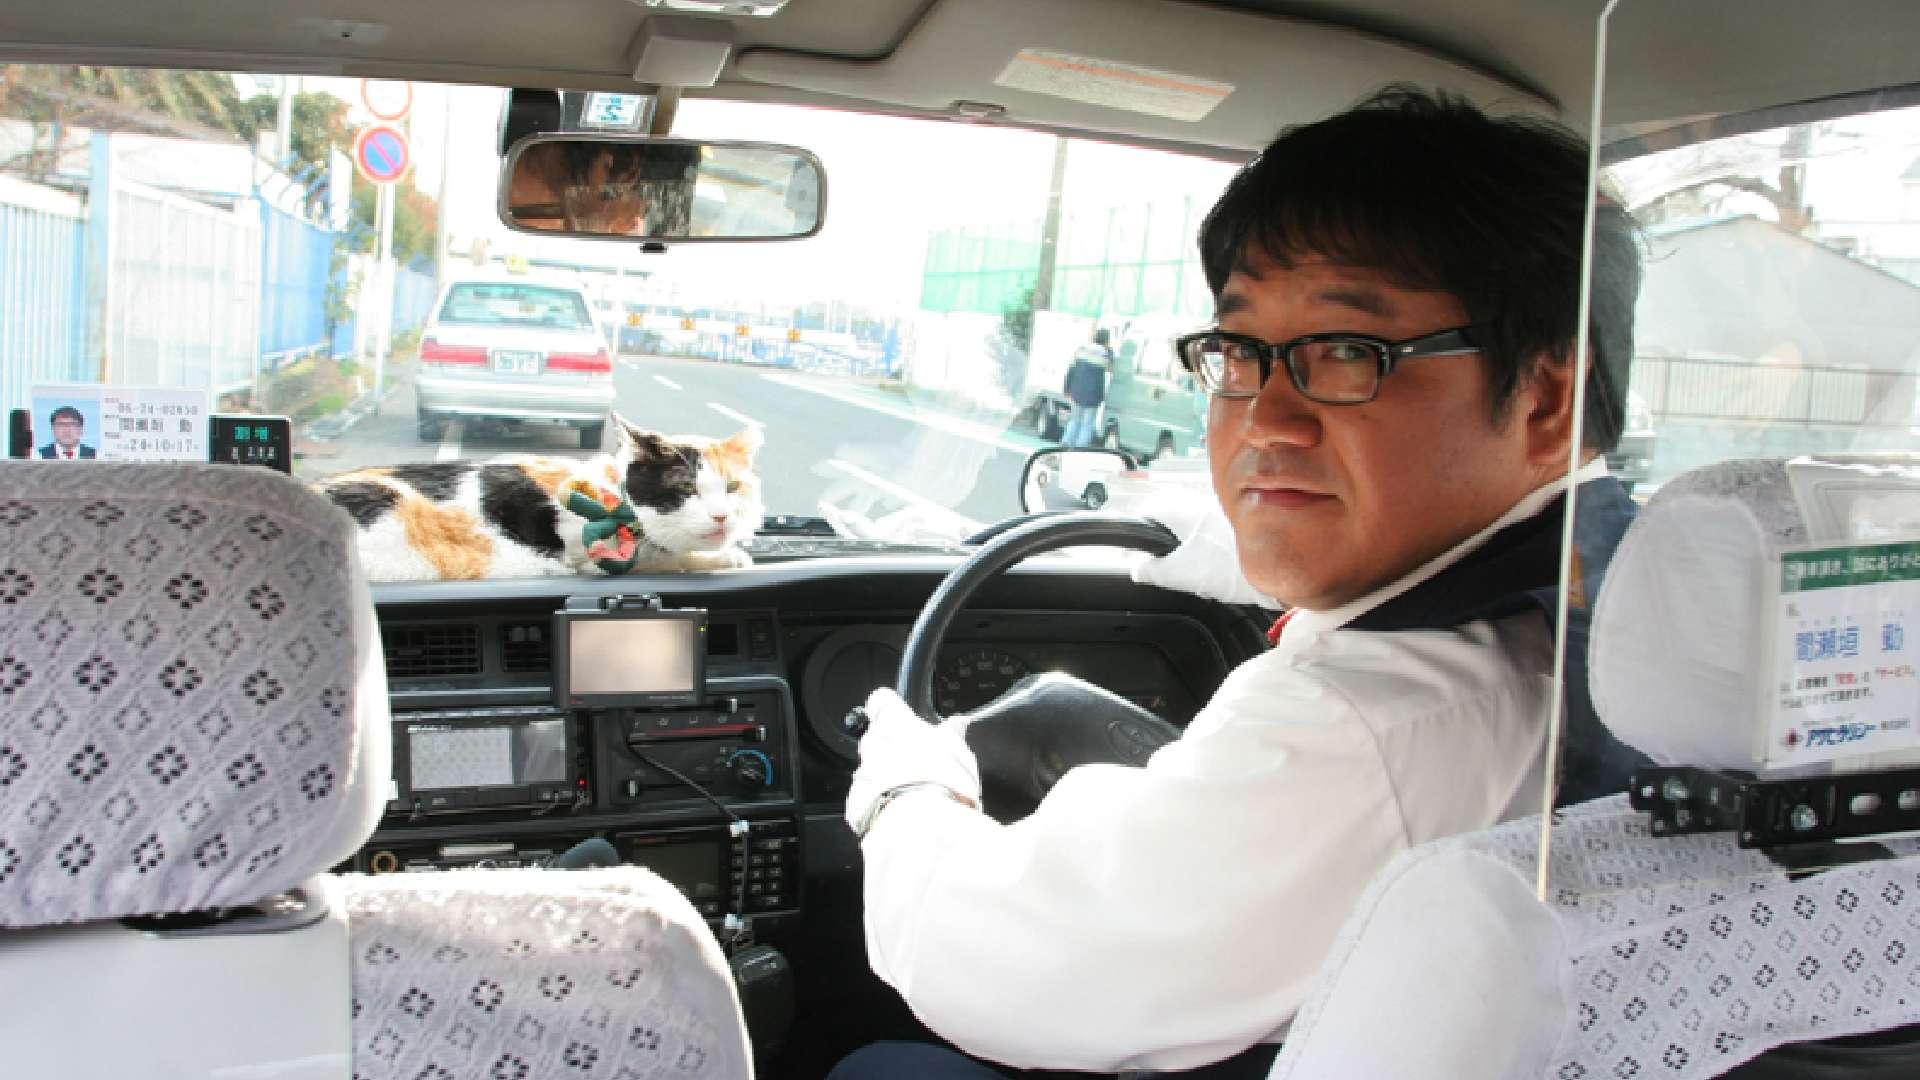 映画版 ねこタクシー